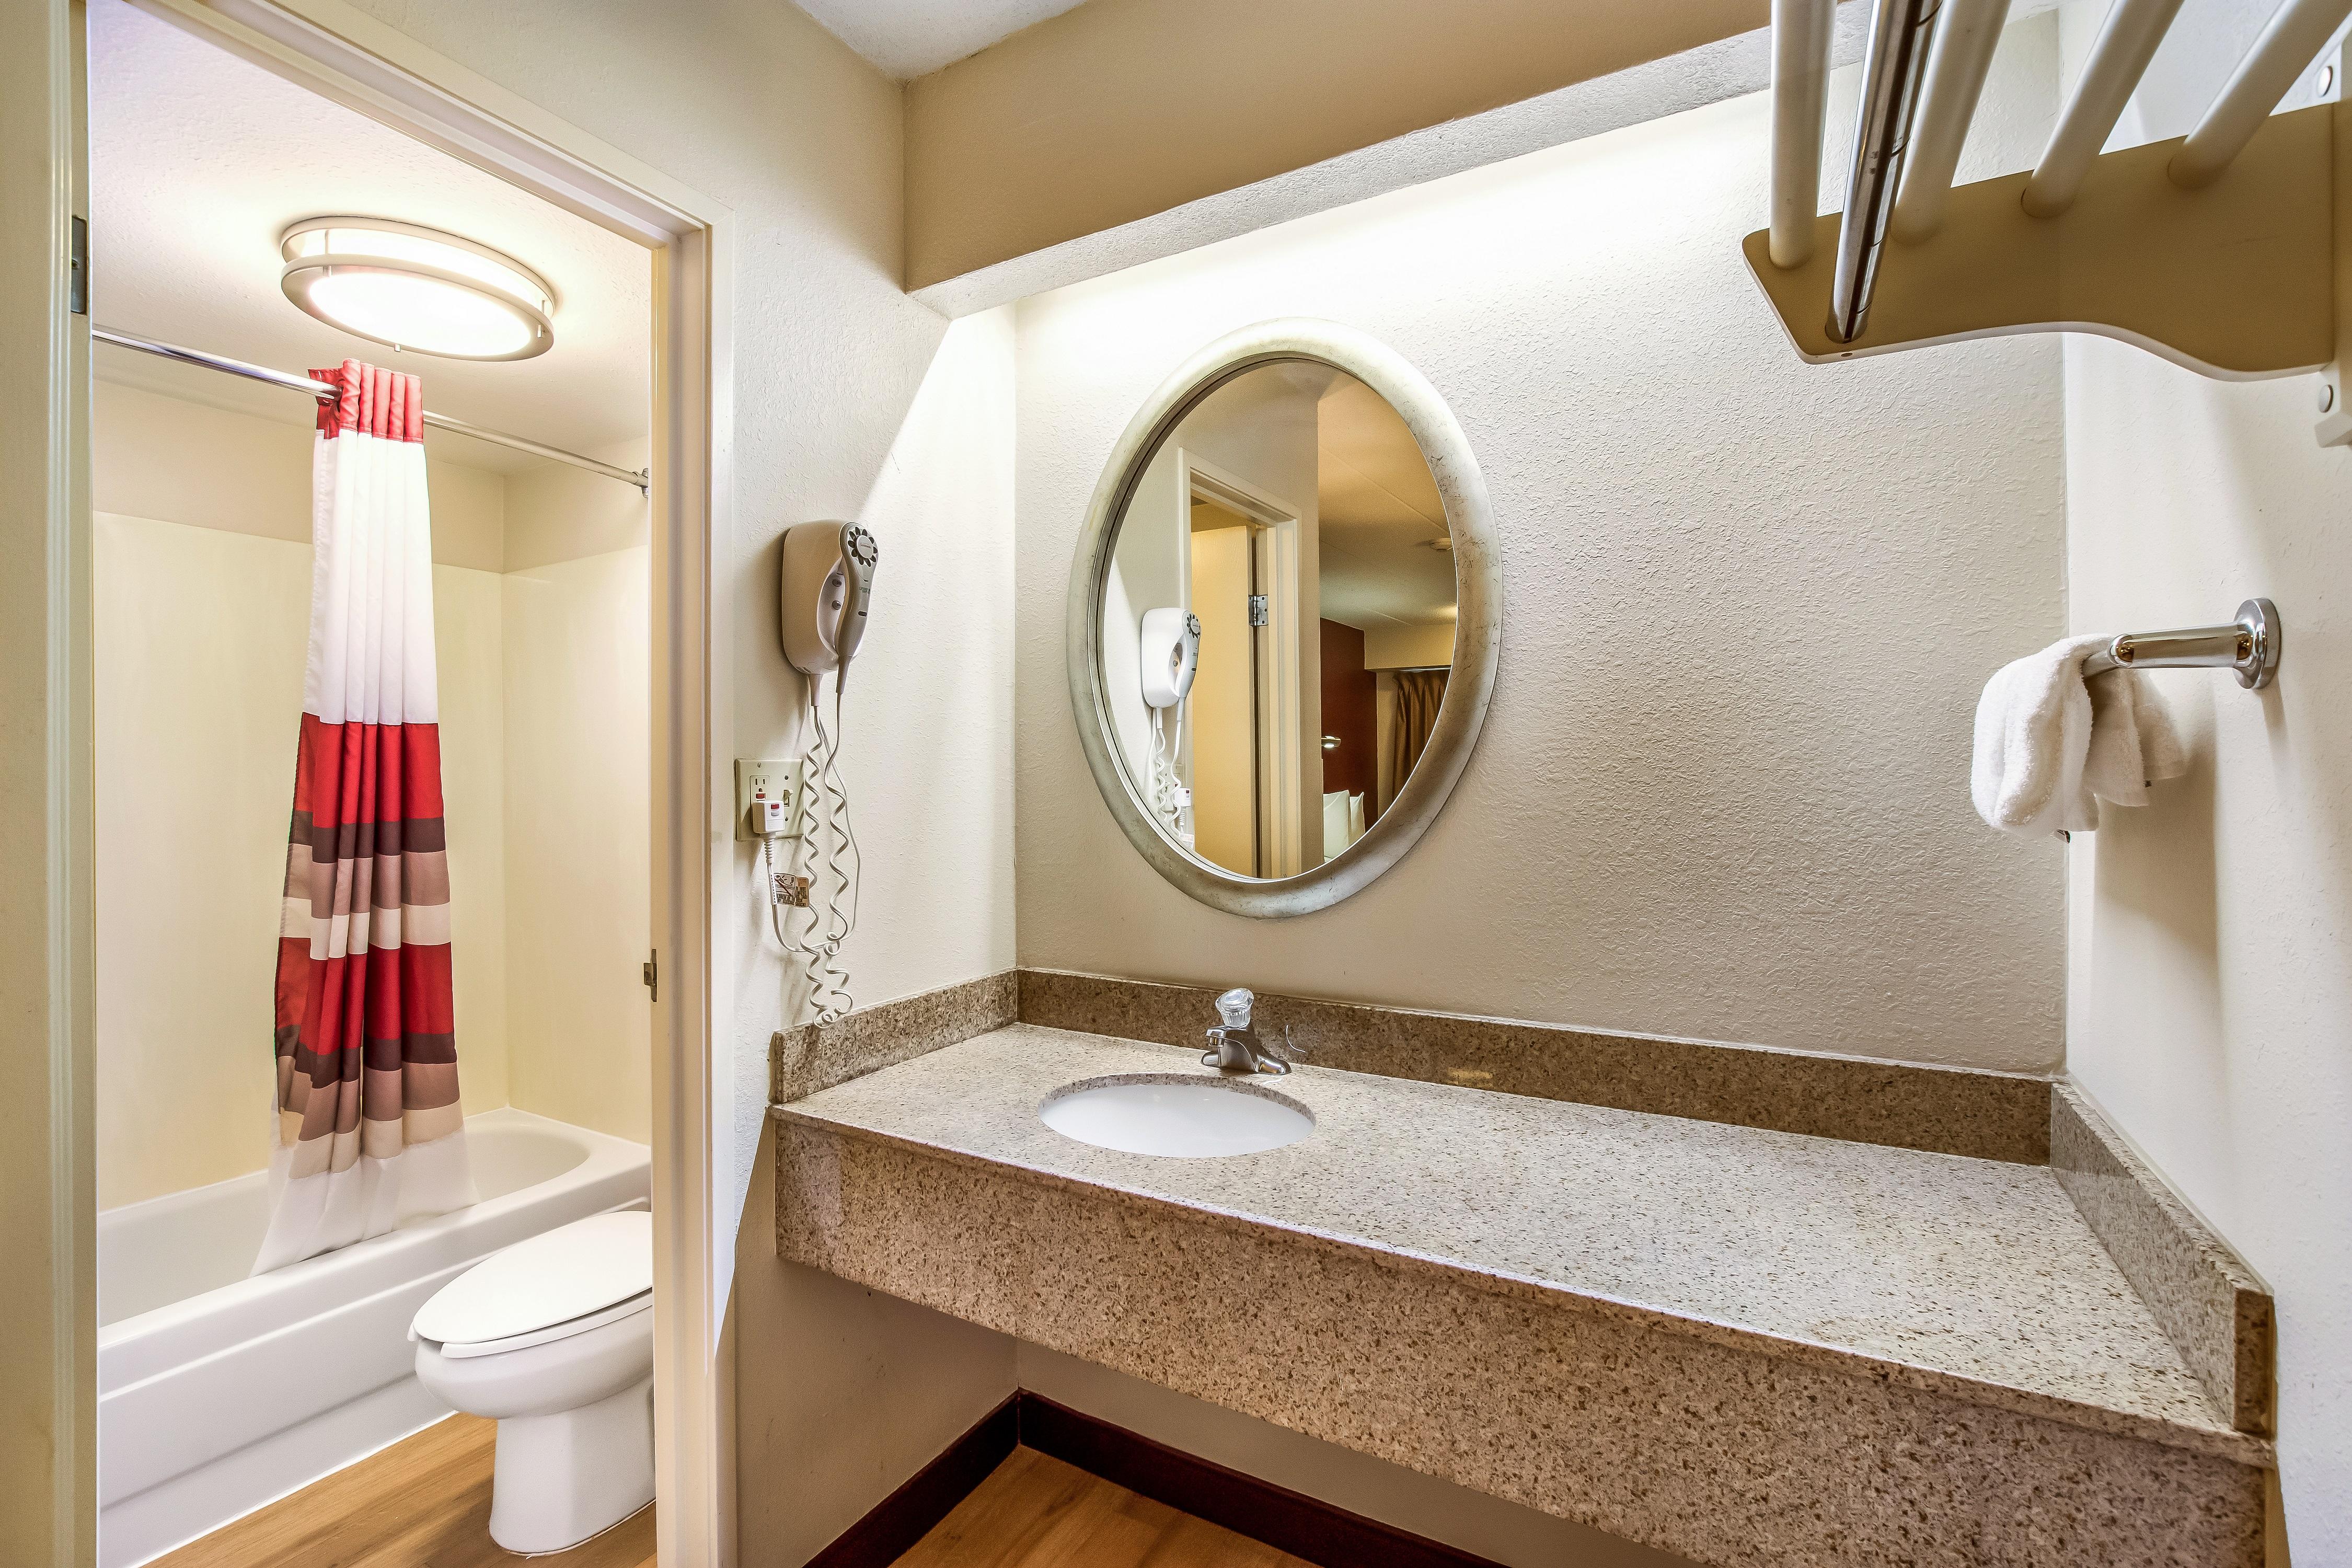 016-vanity-bath.jpg